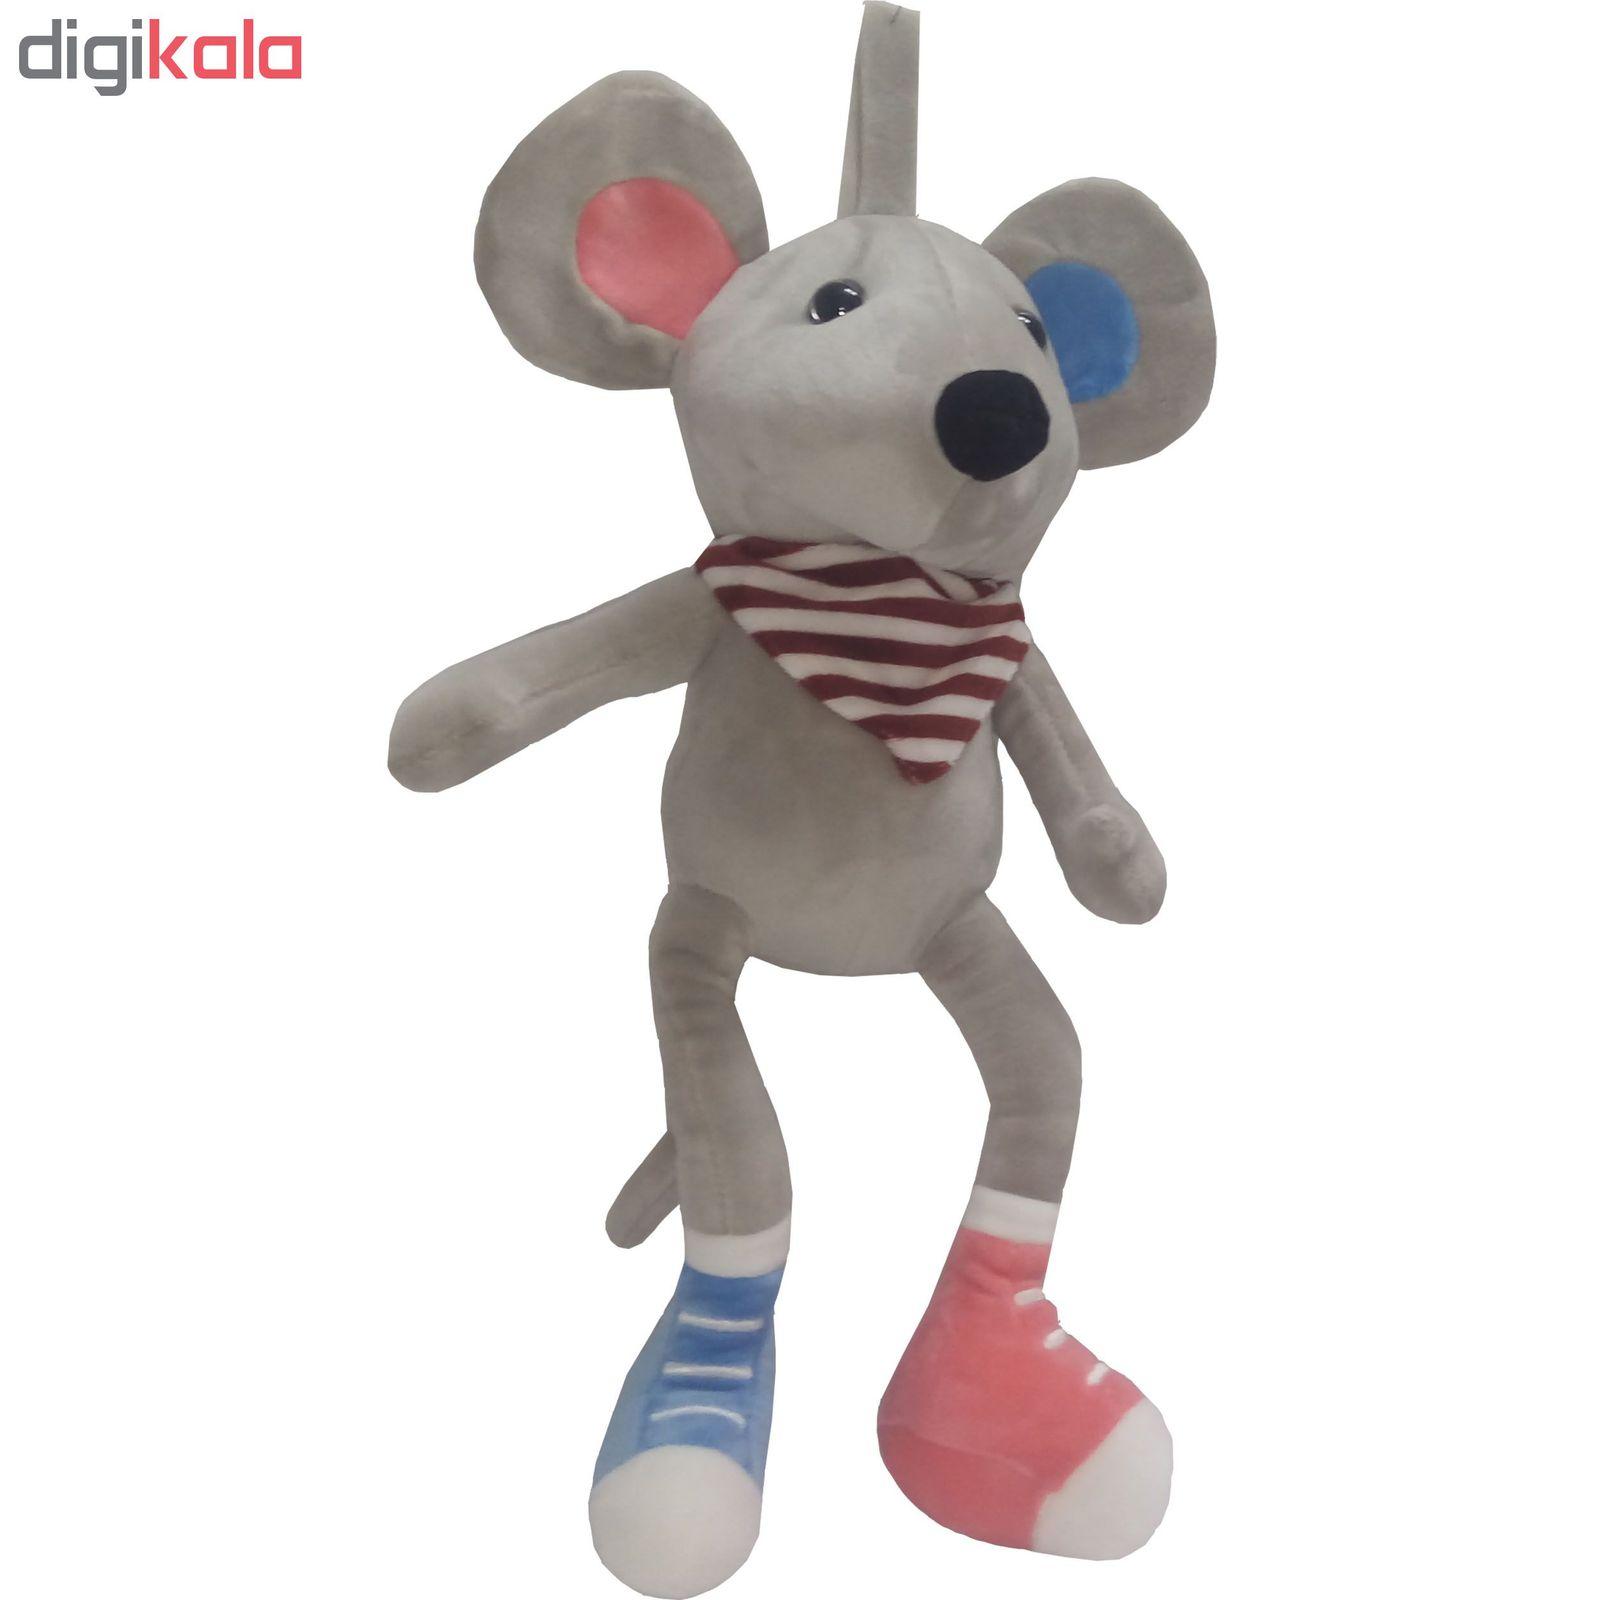 عروسک طرح موش کتونی دار ارتفاع 35 سانتی متر